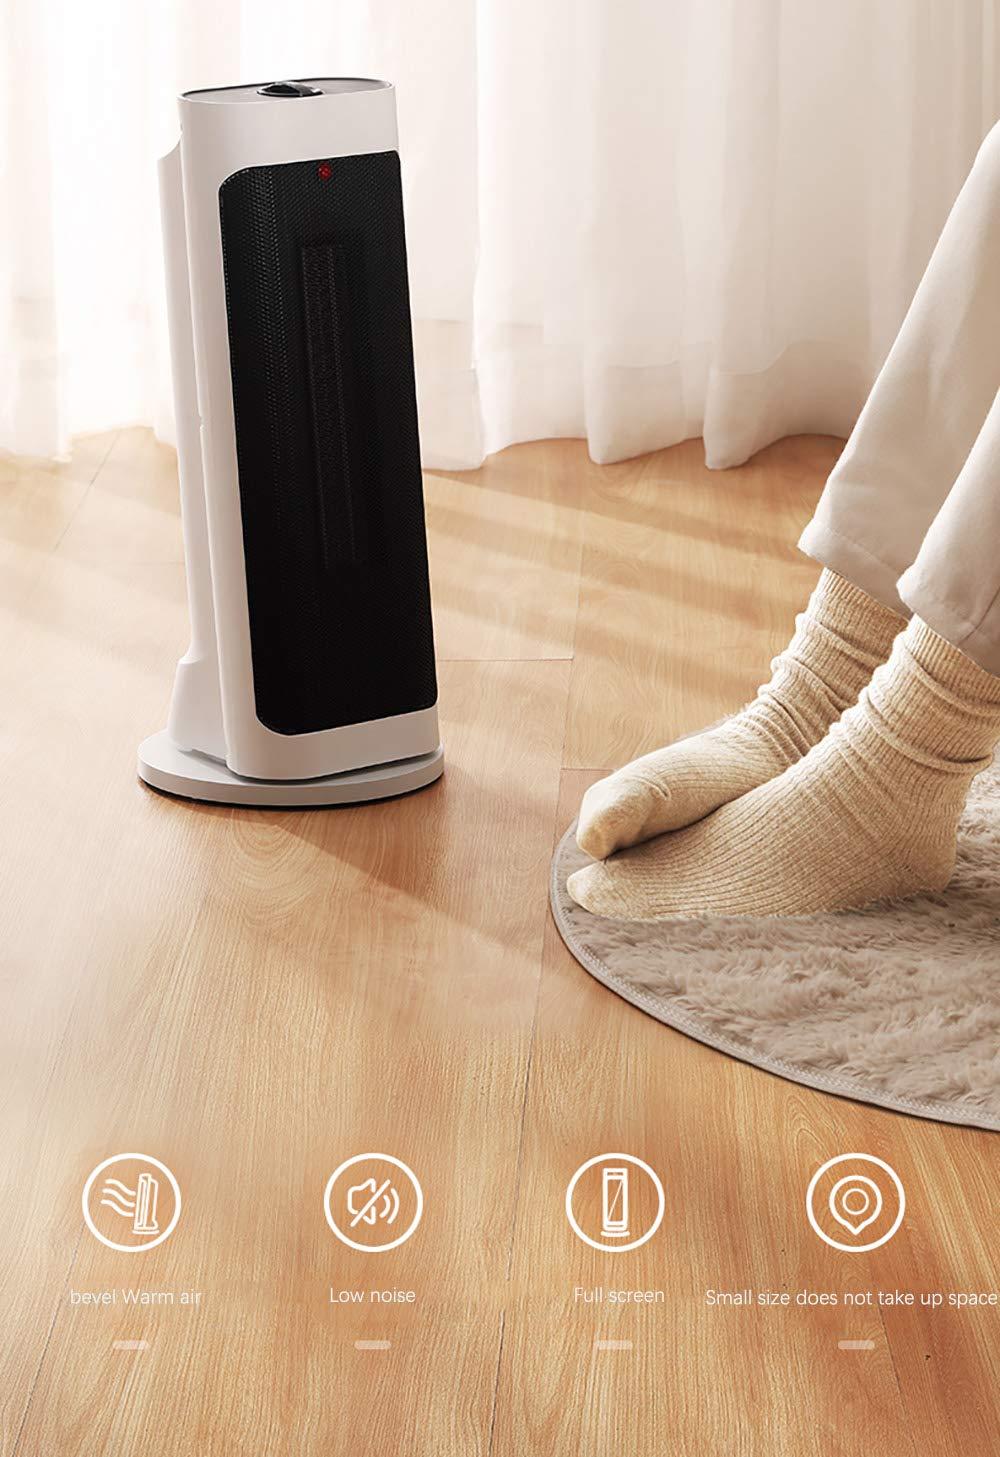 LANLAU Calentador, Ventilador De Calentador Personal Eléctrico con Oscilación Automática, Viento Cálido/Frío para… 2